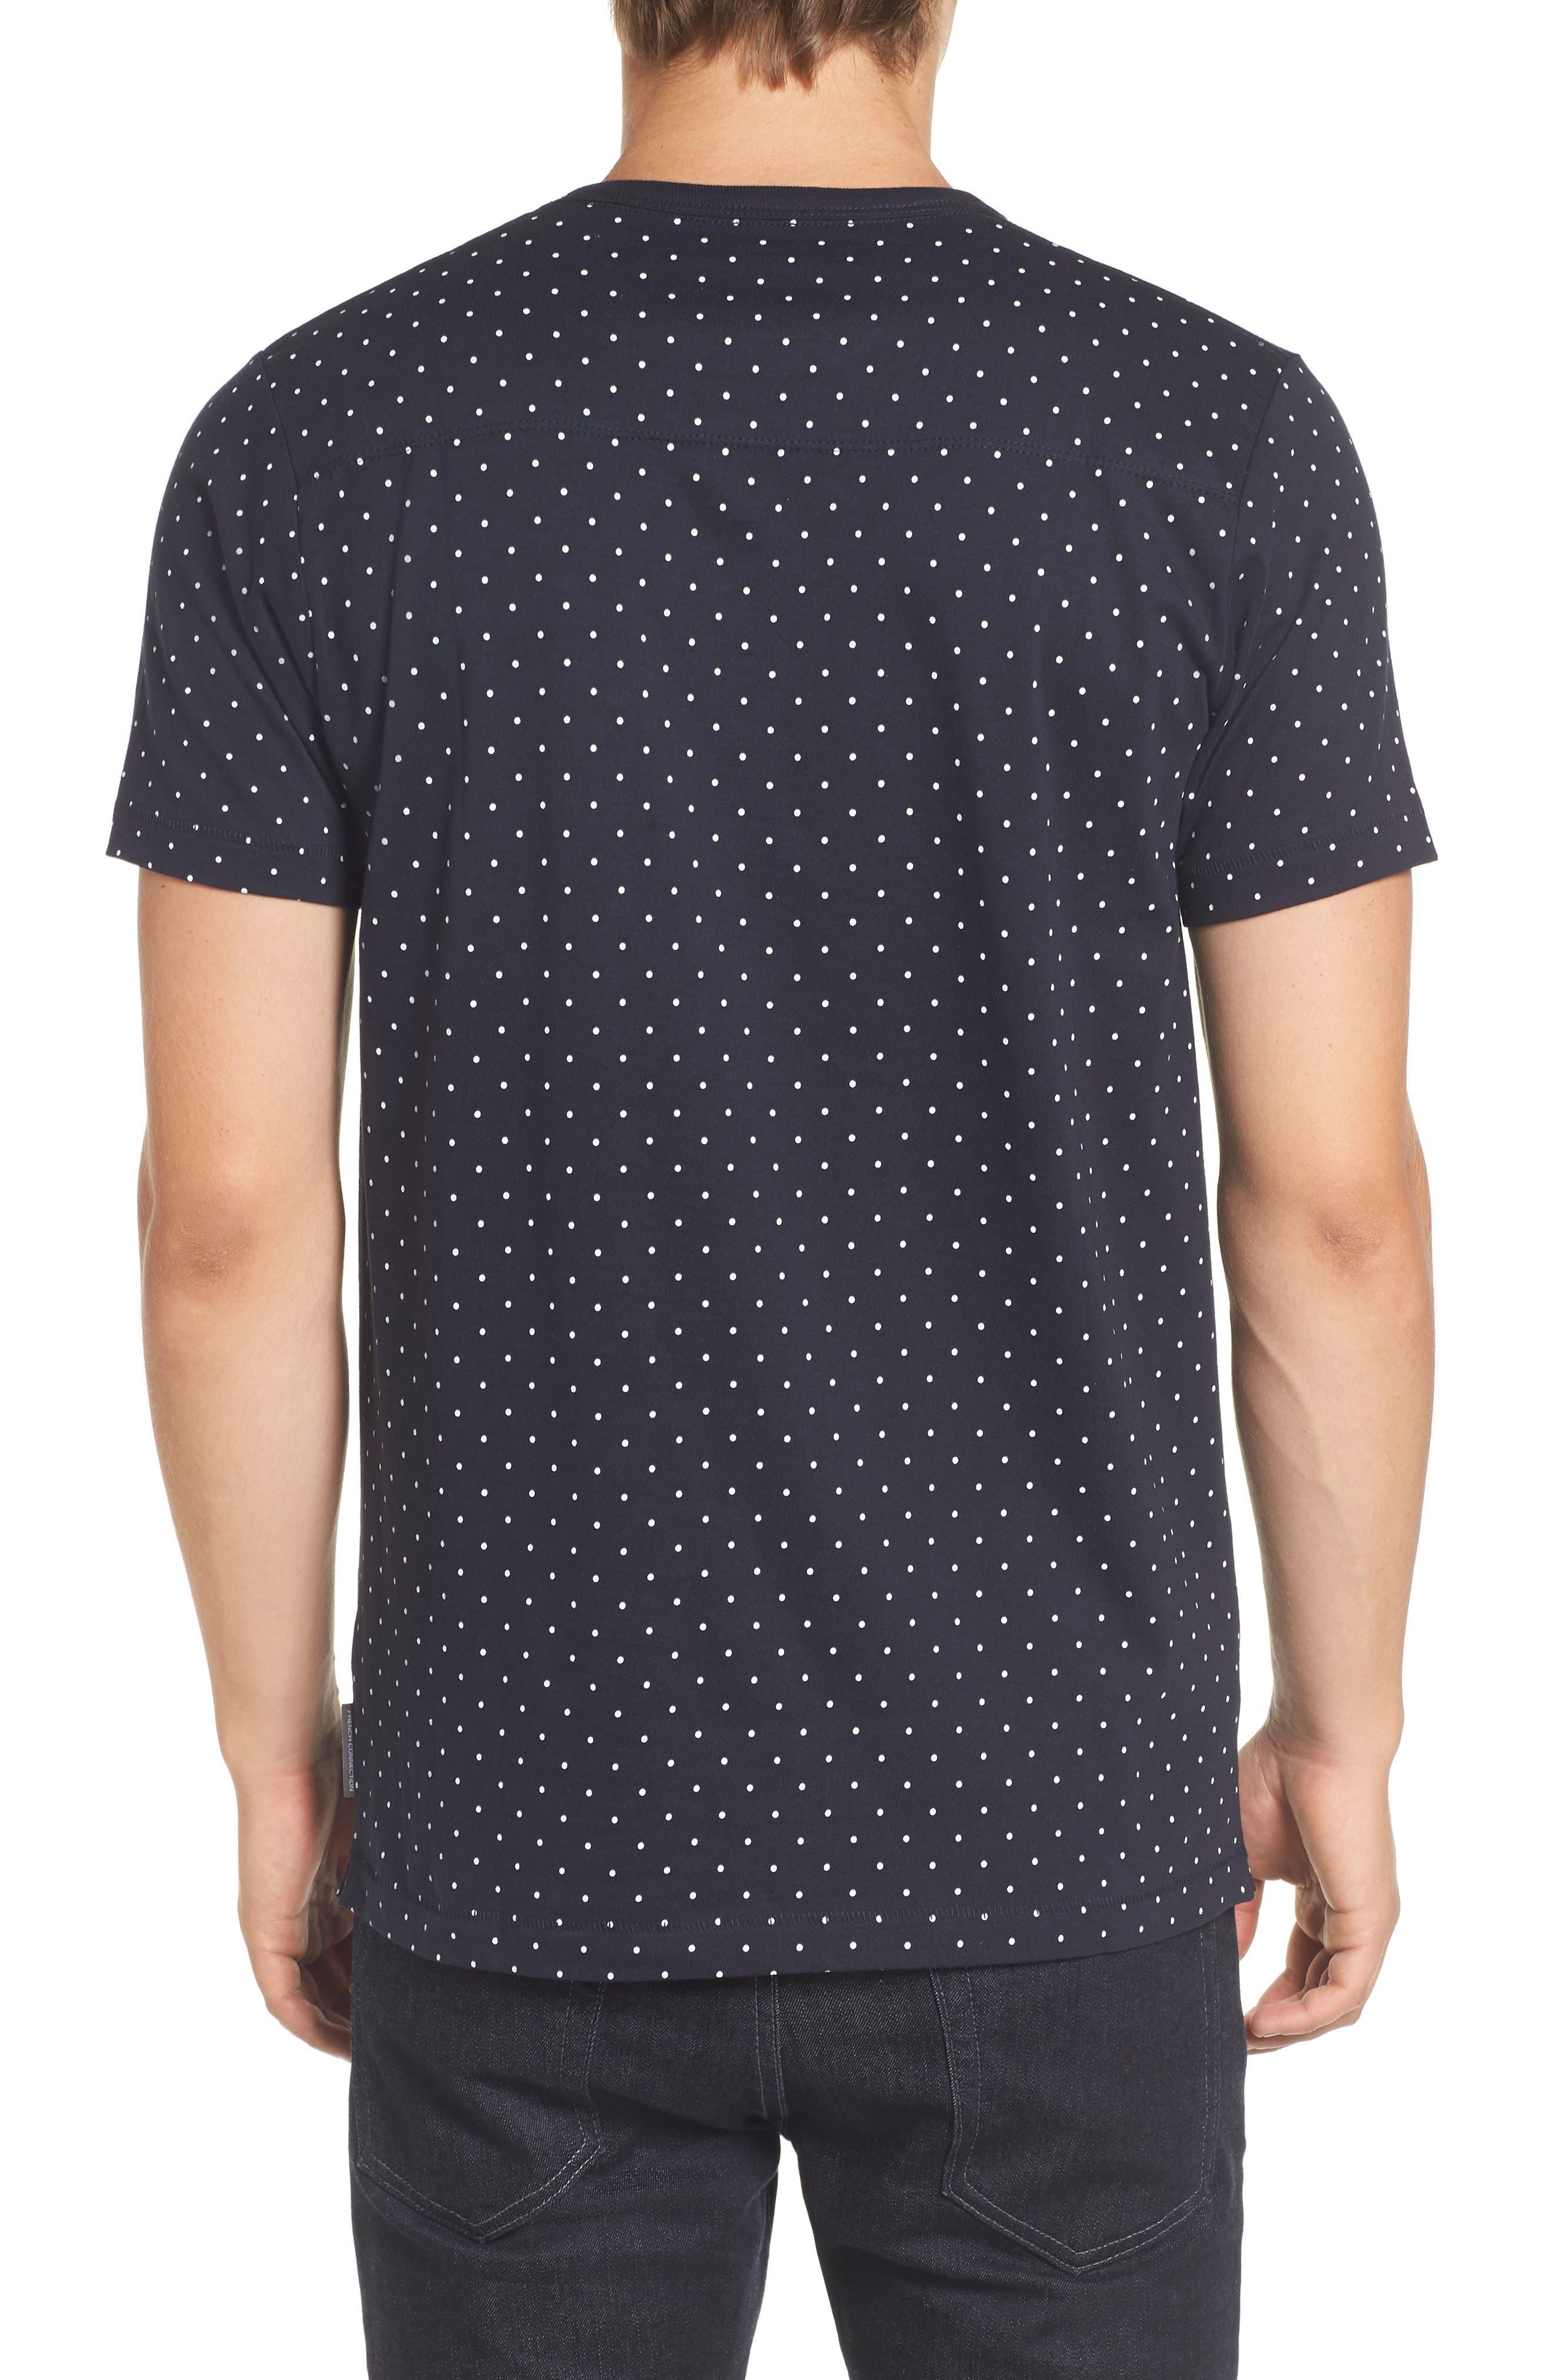 Spot Crewneck T-Shirt,                             Alternate thumbnail 2, color,                             Marine Blue White